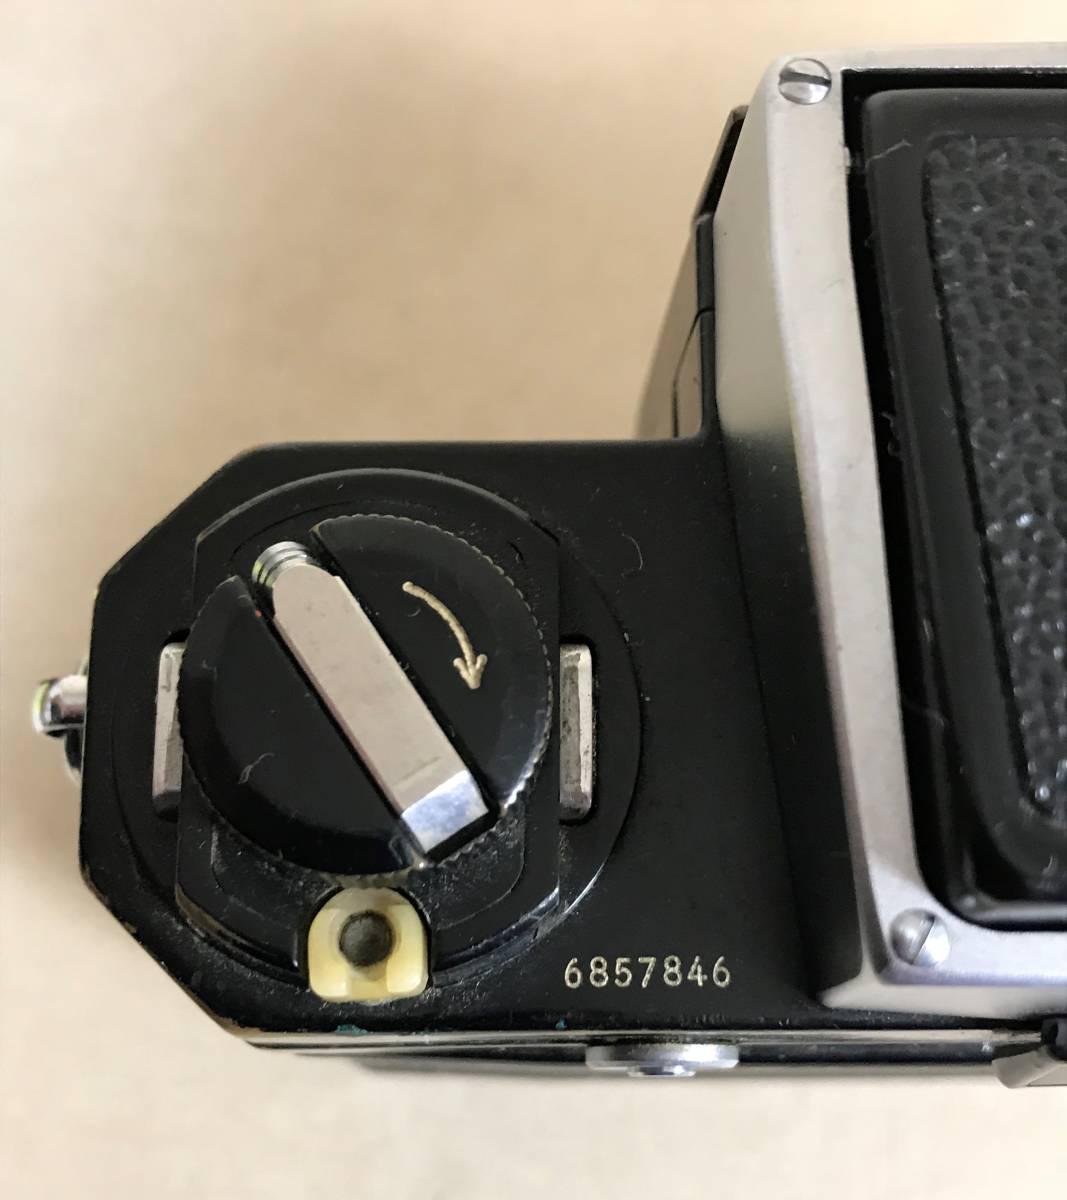 ニコン Nikon F フィルムカメラ/シリアルNO 6857846 Nikon JAPAN_画像3